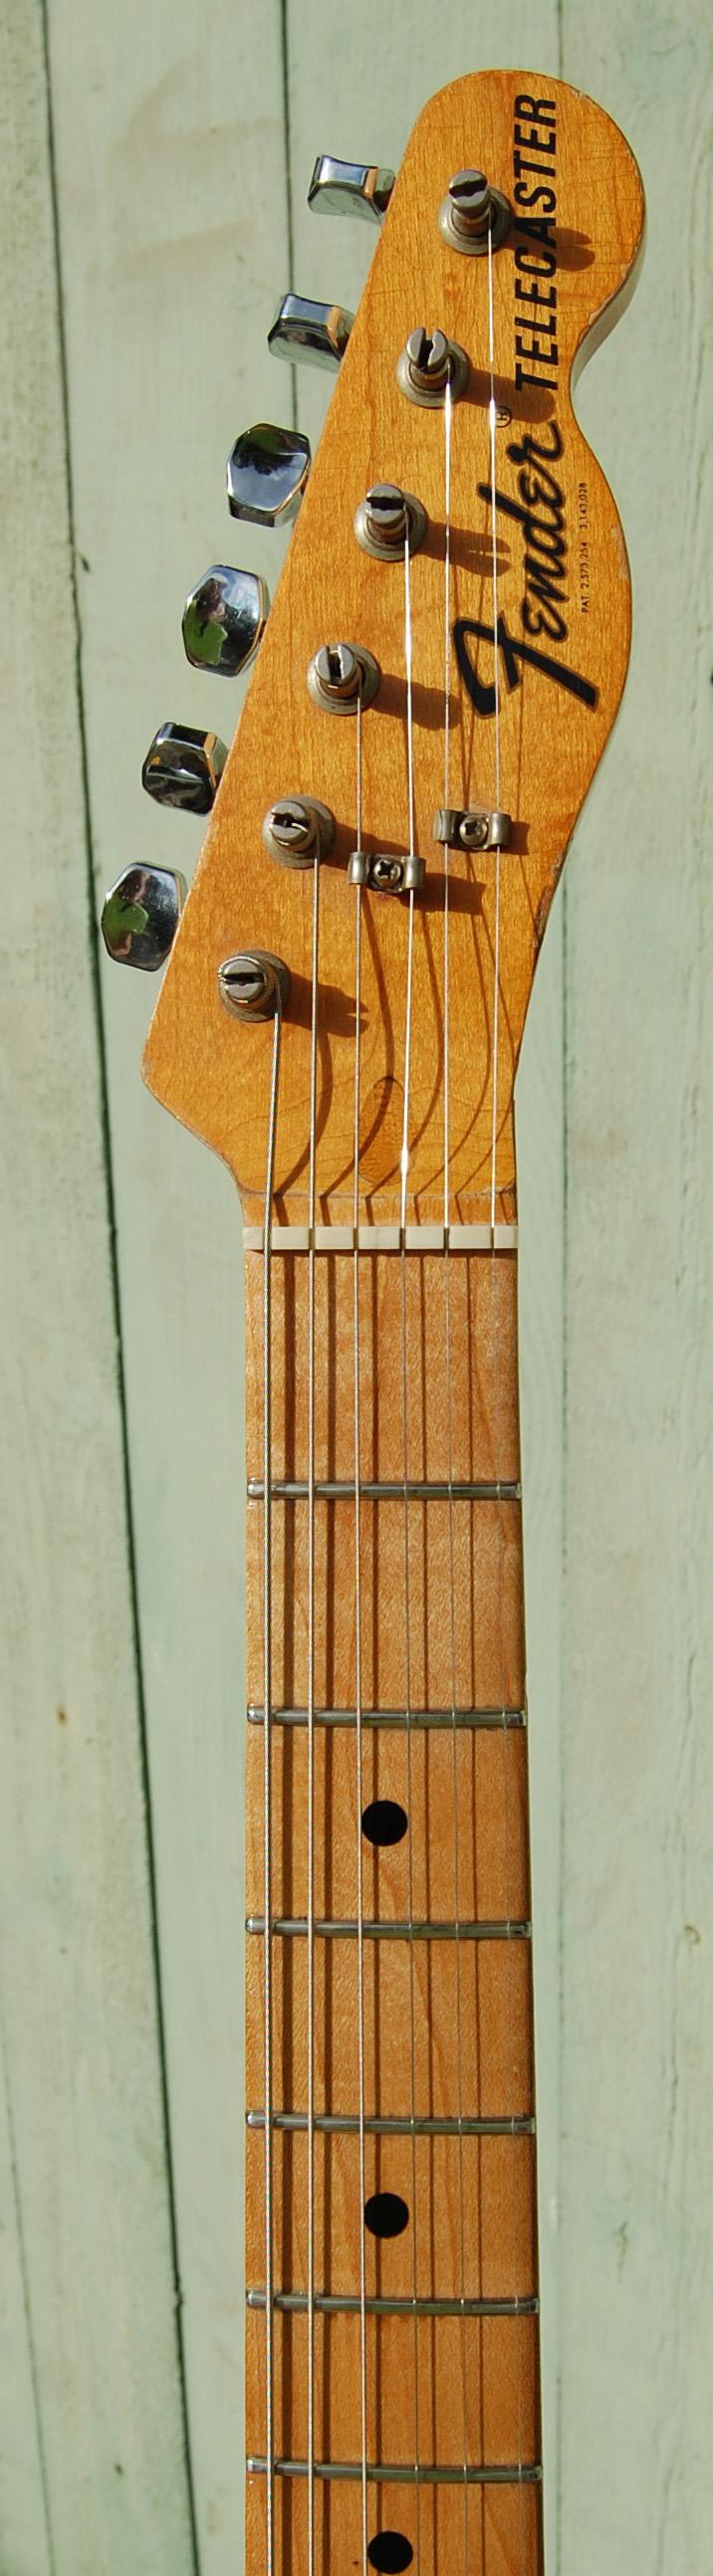 1972 tele hs (1)